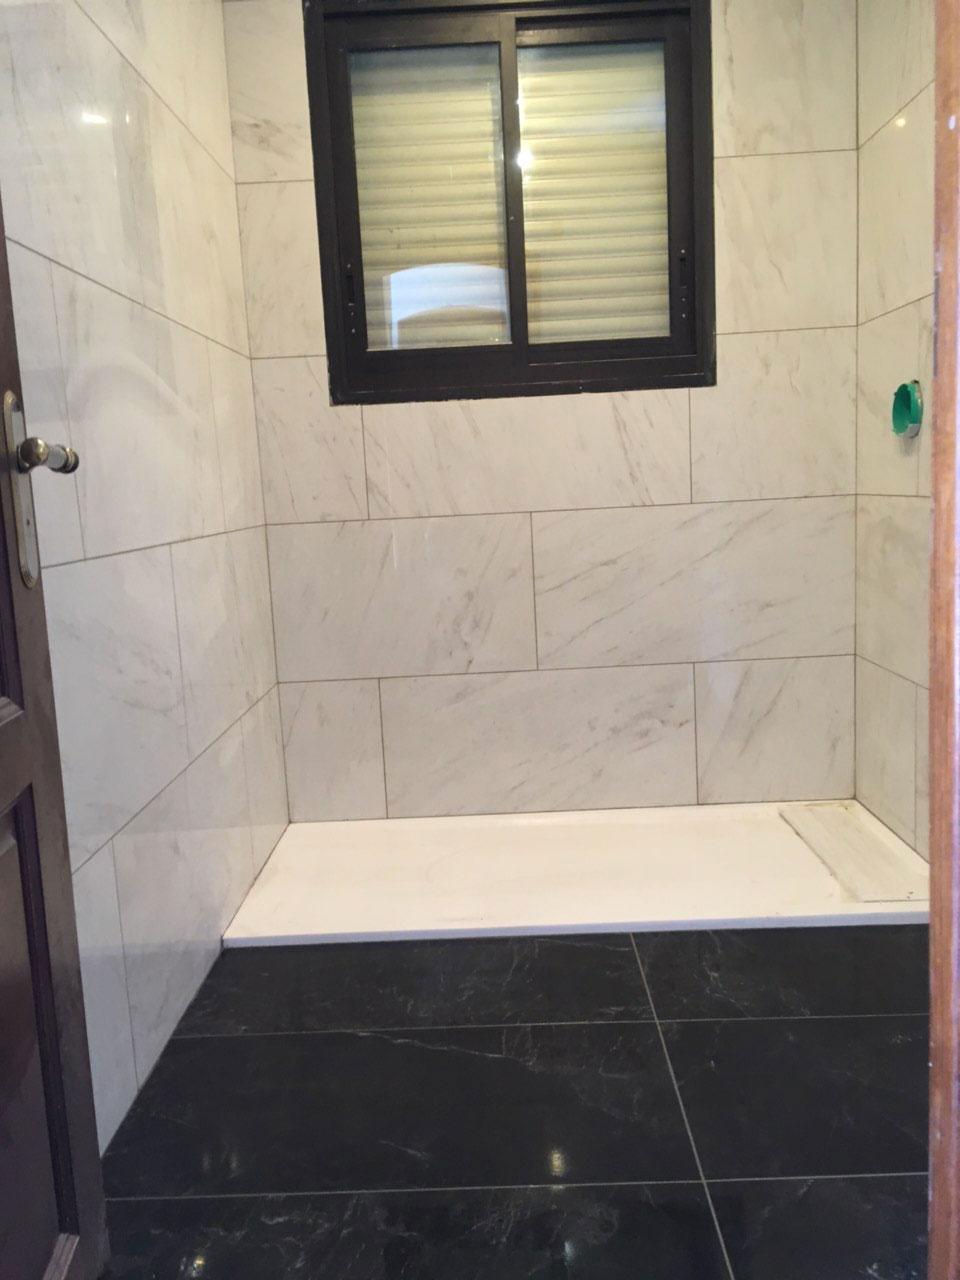 Rénovation d'une salle de bain à Crolles en Isère par Renov'isol